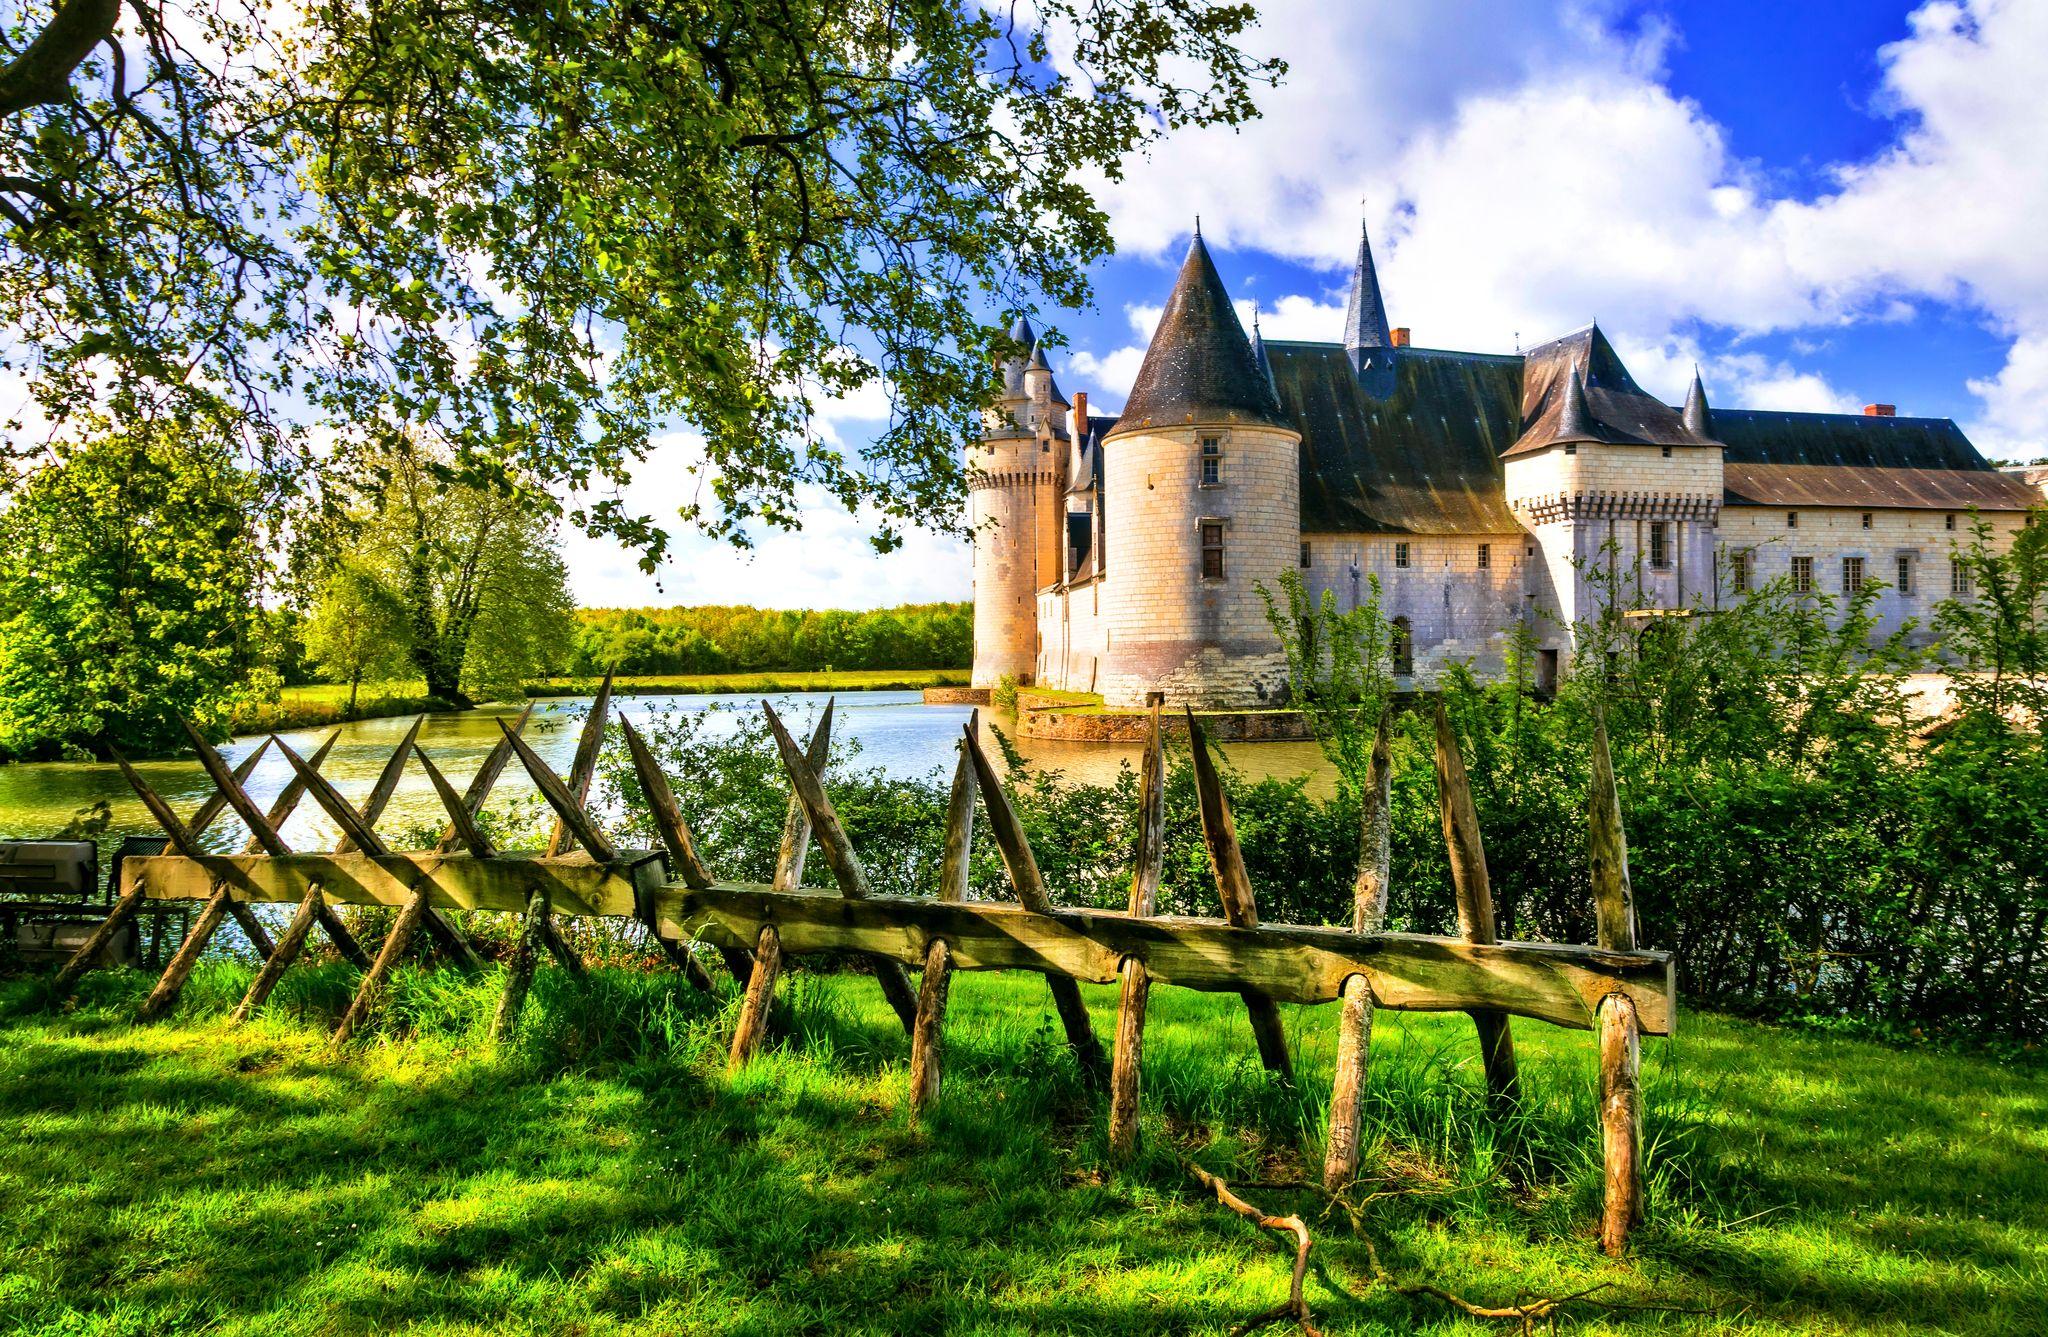 Κάστρο του Πλεσσί-λε-Τουρ, Λα Ρις, Αντρ-ε-Λουάρ, Γαλλία